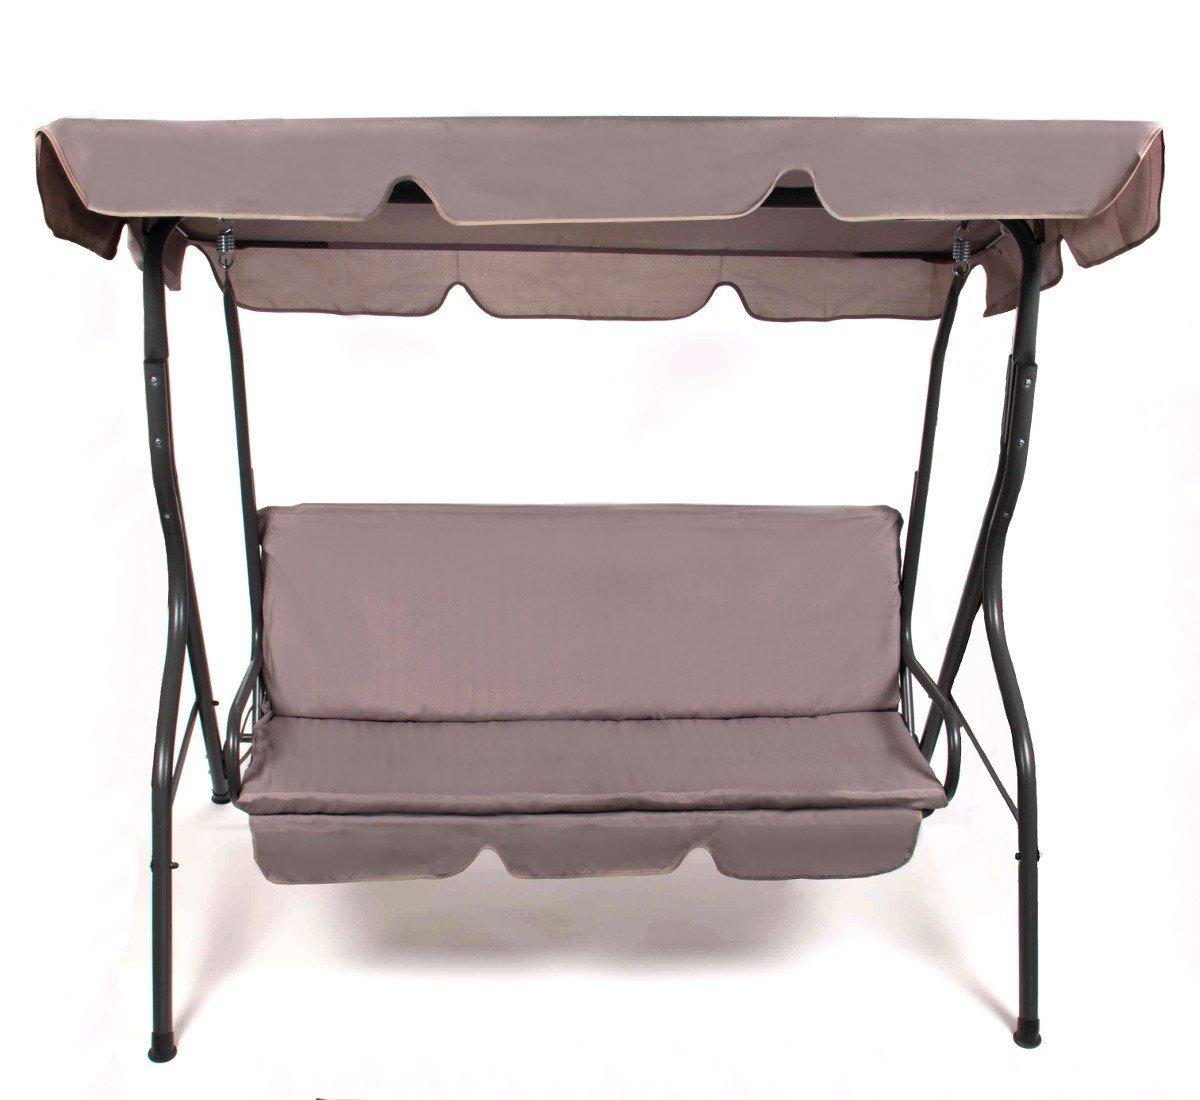 Hollywoodschaukel für 3 Personen (130 cm), Polster waschbar, Dachneigung verstellbar, grau/anthrazit, inkl. Schutzhülle